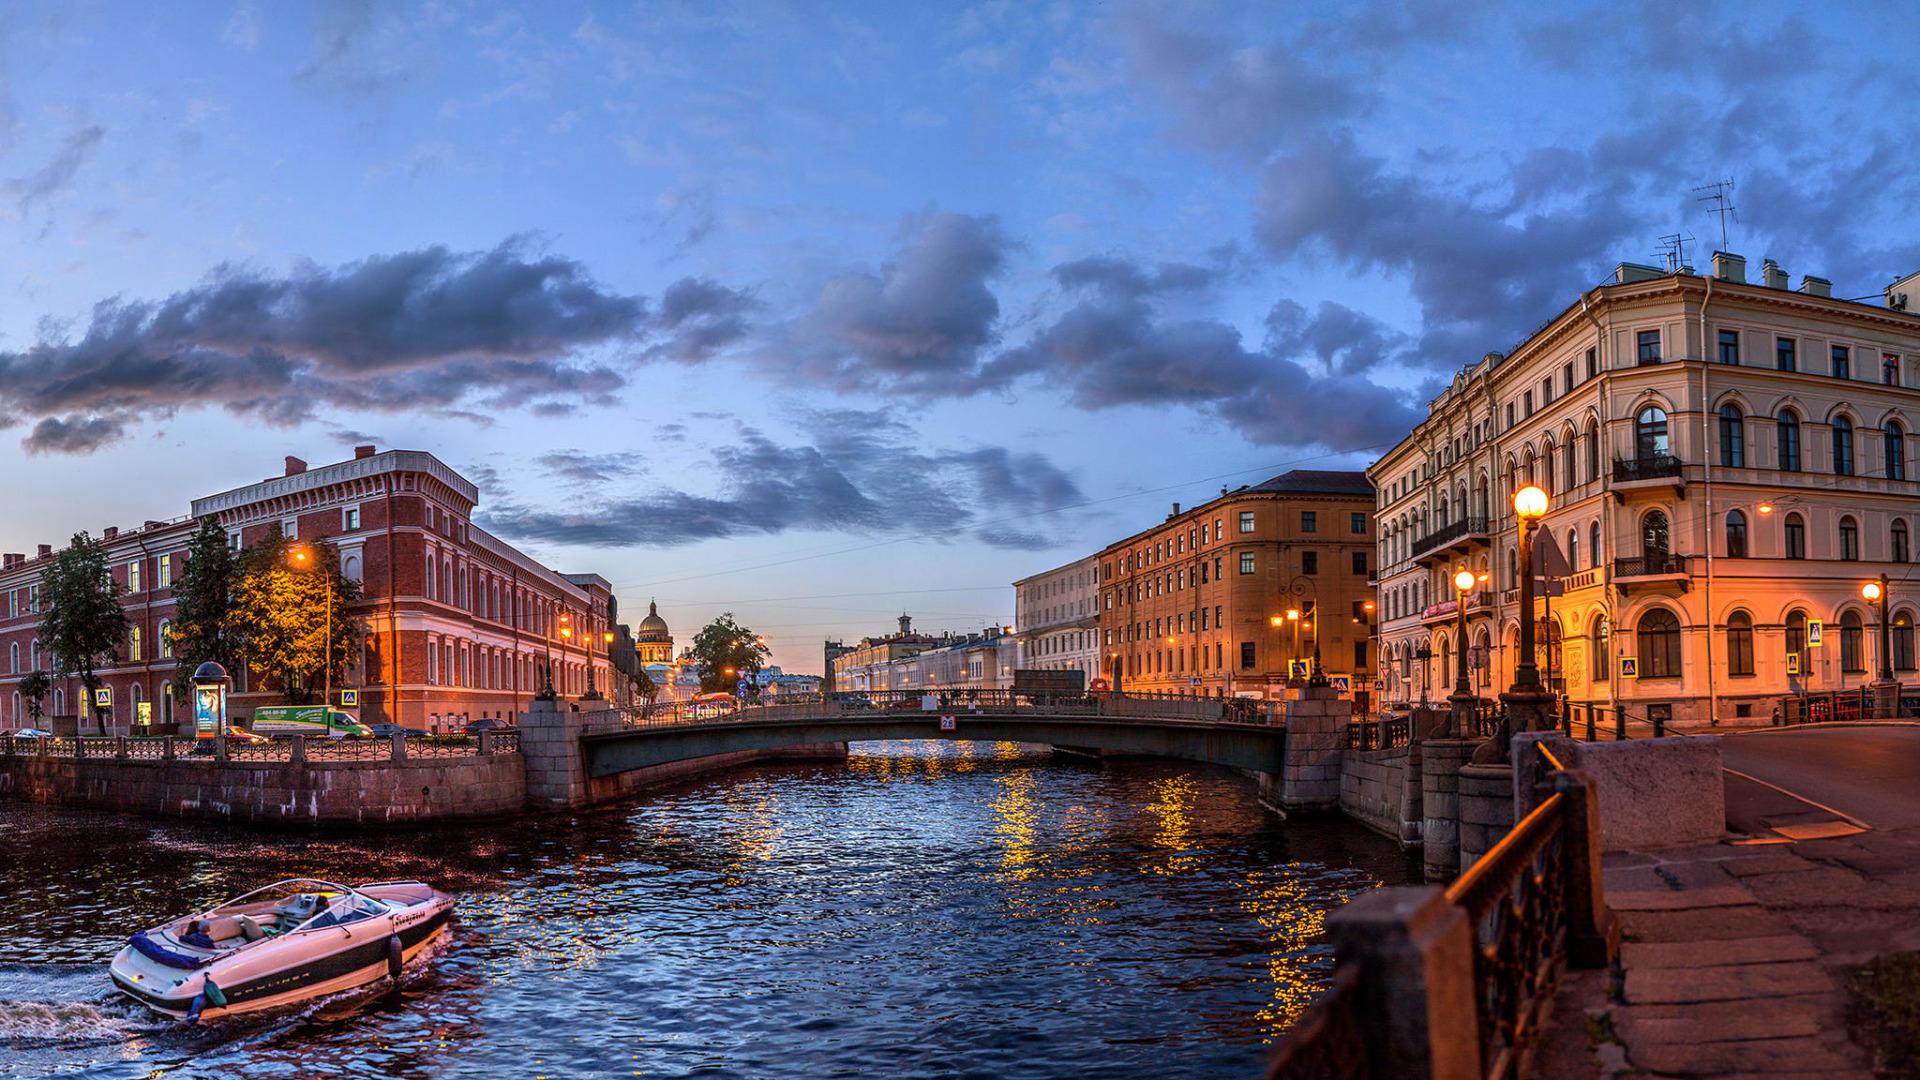 Санкт петербург фото картинки обои